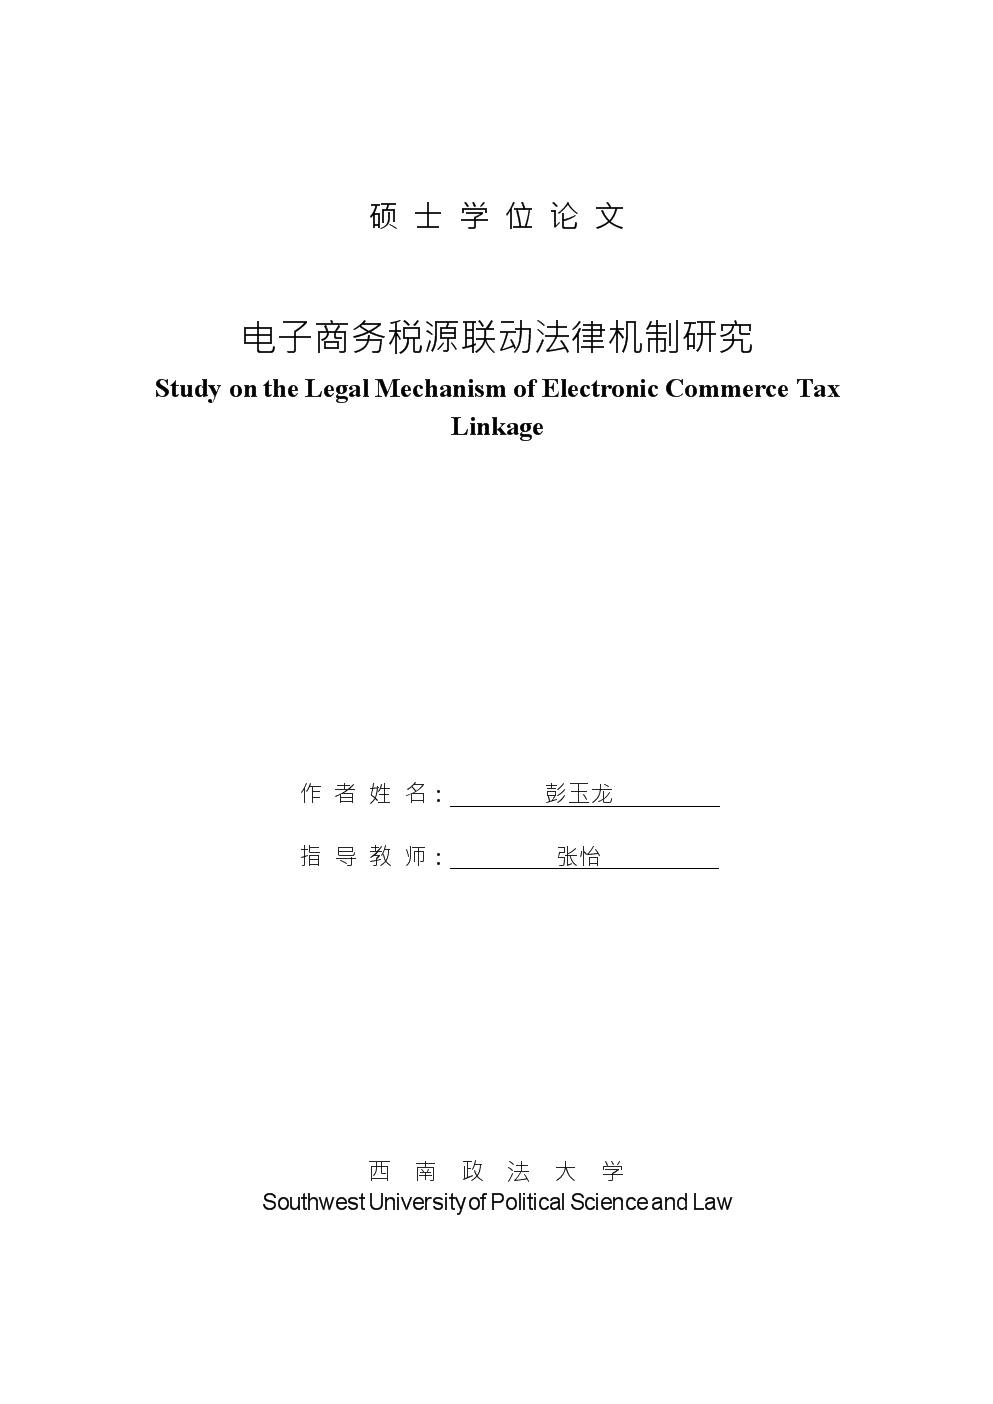 电子商务税源联动法律机制研究-经济法专业论